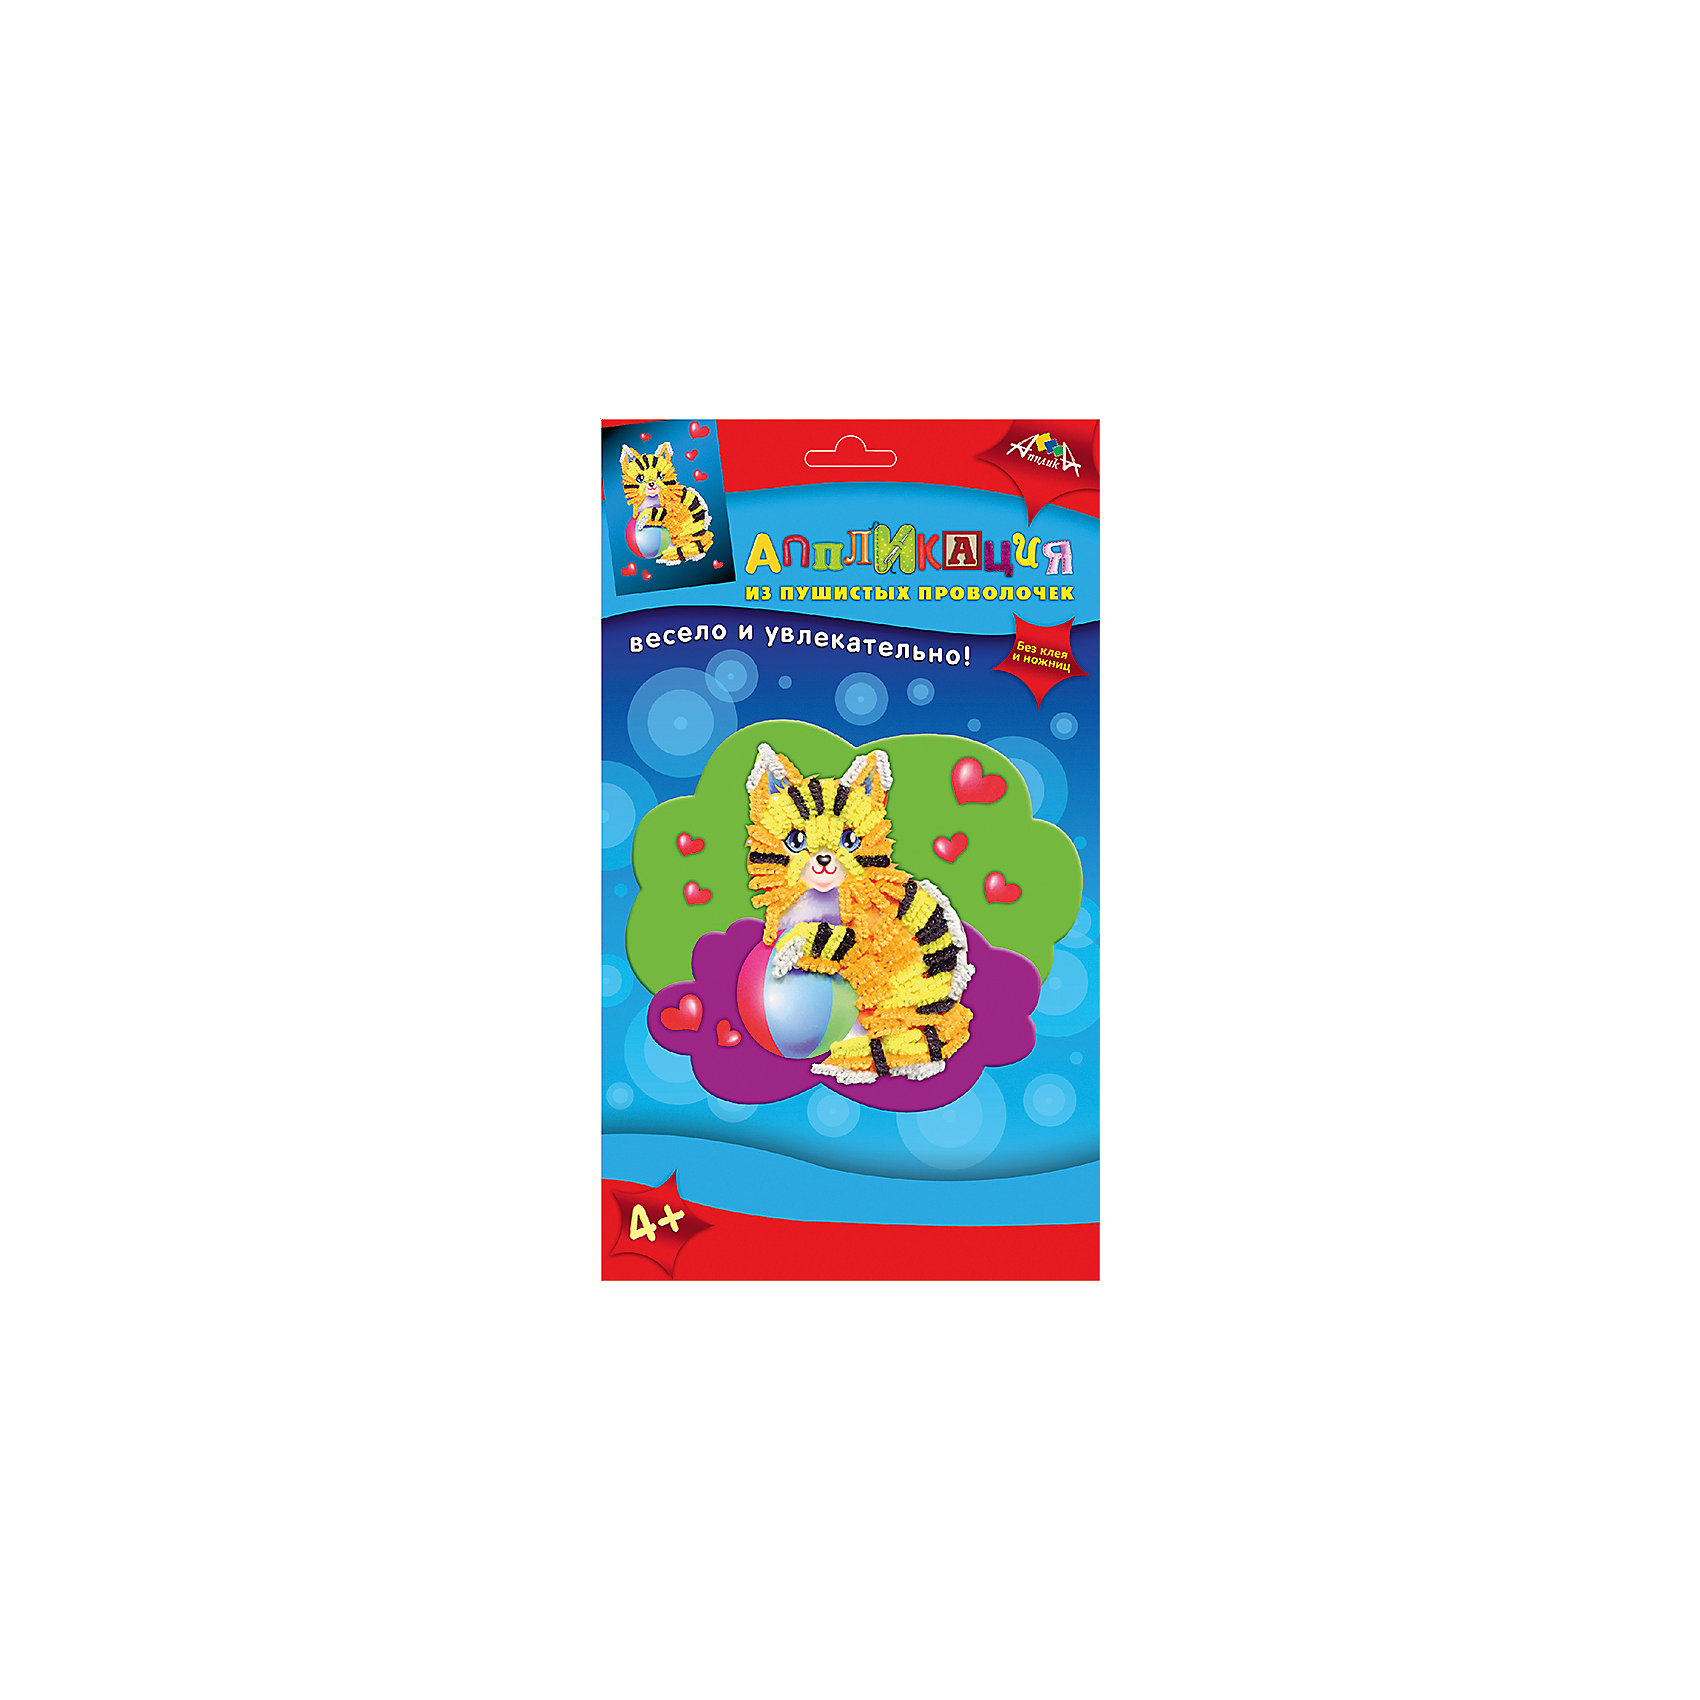 Набор для детского творчества Аппликация в подарок Павлин, Сова и КошкаБумага<br>Характеристики:<br><br>• возраст: от 4 лет<br>• комплектация: аппликация из мягкого пластика (цветная картонная основа А6 и вырубленные элементы из самоклеящегося мягкого пластика); 2 аппликации из пушистых проволочек (2 цветные основы, пушистые проволочки, пластмассовые инструменты для сгибания); инструкция<br>• размер упаковки: 29х18,5х2 см.<br>• вес: 140 гр.<br><br>С помощью этого набора ребенок сможет создать своими руками три картины: аппликацию из мягкого пластика с изображением павлина, две аппликации из пушистых проволочек с изображением кошки и совы.<br><br>Процесс создания аппликаций прост, а результат великолепен. Для работы не потребуется ни клея, ни ножниц. Чтобы сделать аппликацию из мягкого пластика, необходимо отделить пластик от защитного слоя и приклеить к цветной основе. Чтобы сделать аппликацию из пушистых проволочек нужно согнуть пушистую проволочку и воткнуть ее в цветную основу.<br><br>Готовые работы станут прекрасным украшением дома или замечательным подарком.<br><br>Набор для детского творчества способствует формированию у ребенка усидчивости, внимательности и аккуратности, развивает мелкую моторику рук.<br><br>Набор для детского творчества «Аппликация в подарок Павлин, Сова и Кошка» можно купить в нашем интернет-магазине.<br><br>Ширина мм: 290<br>Глубина мм: 185<br>Высота мм: 20<br>Вес г: 140<br>Возраст от месяцев: 48<br>Возраст до месяцев: 2147483647<br>Пол: Унисекс<br>Возраст: Детский<br>SKU: 7033665